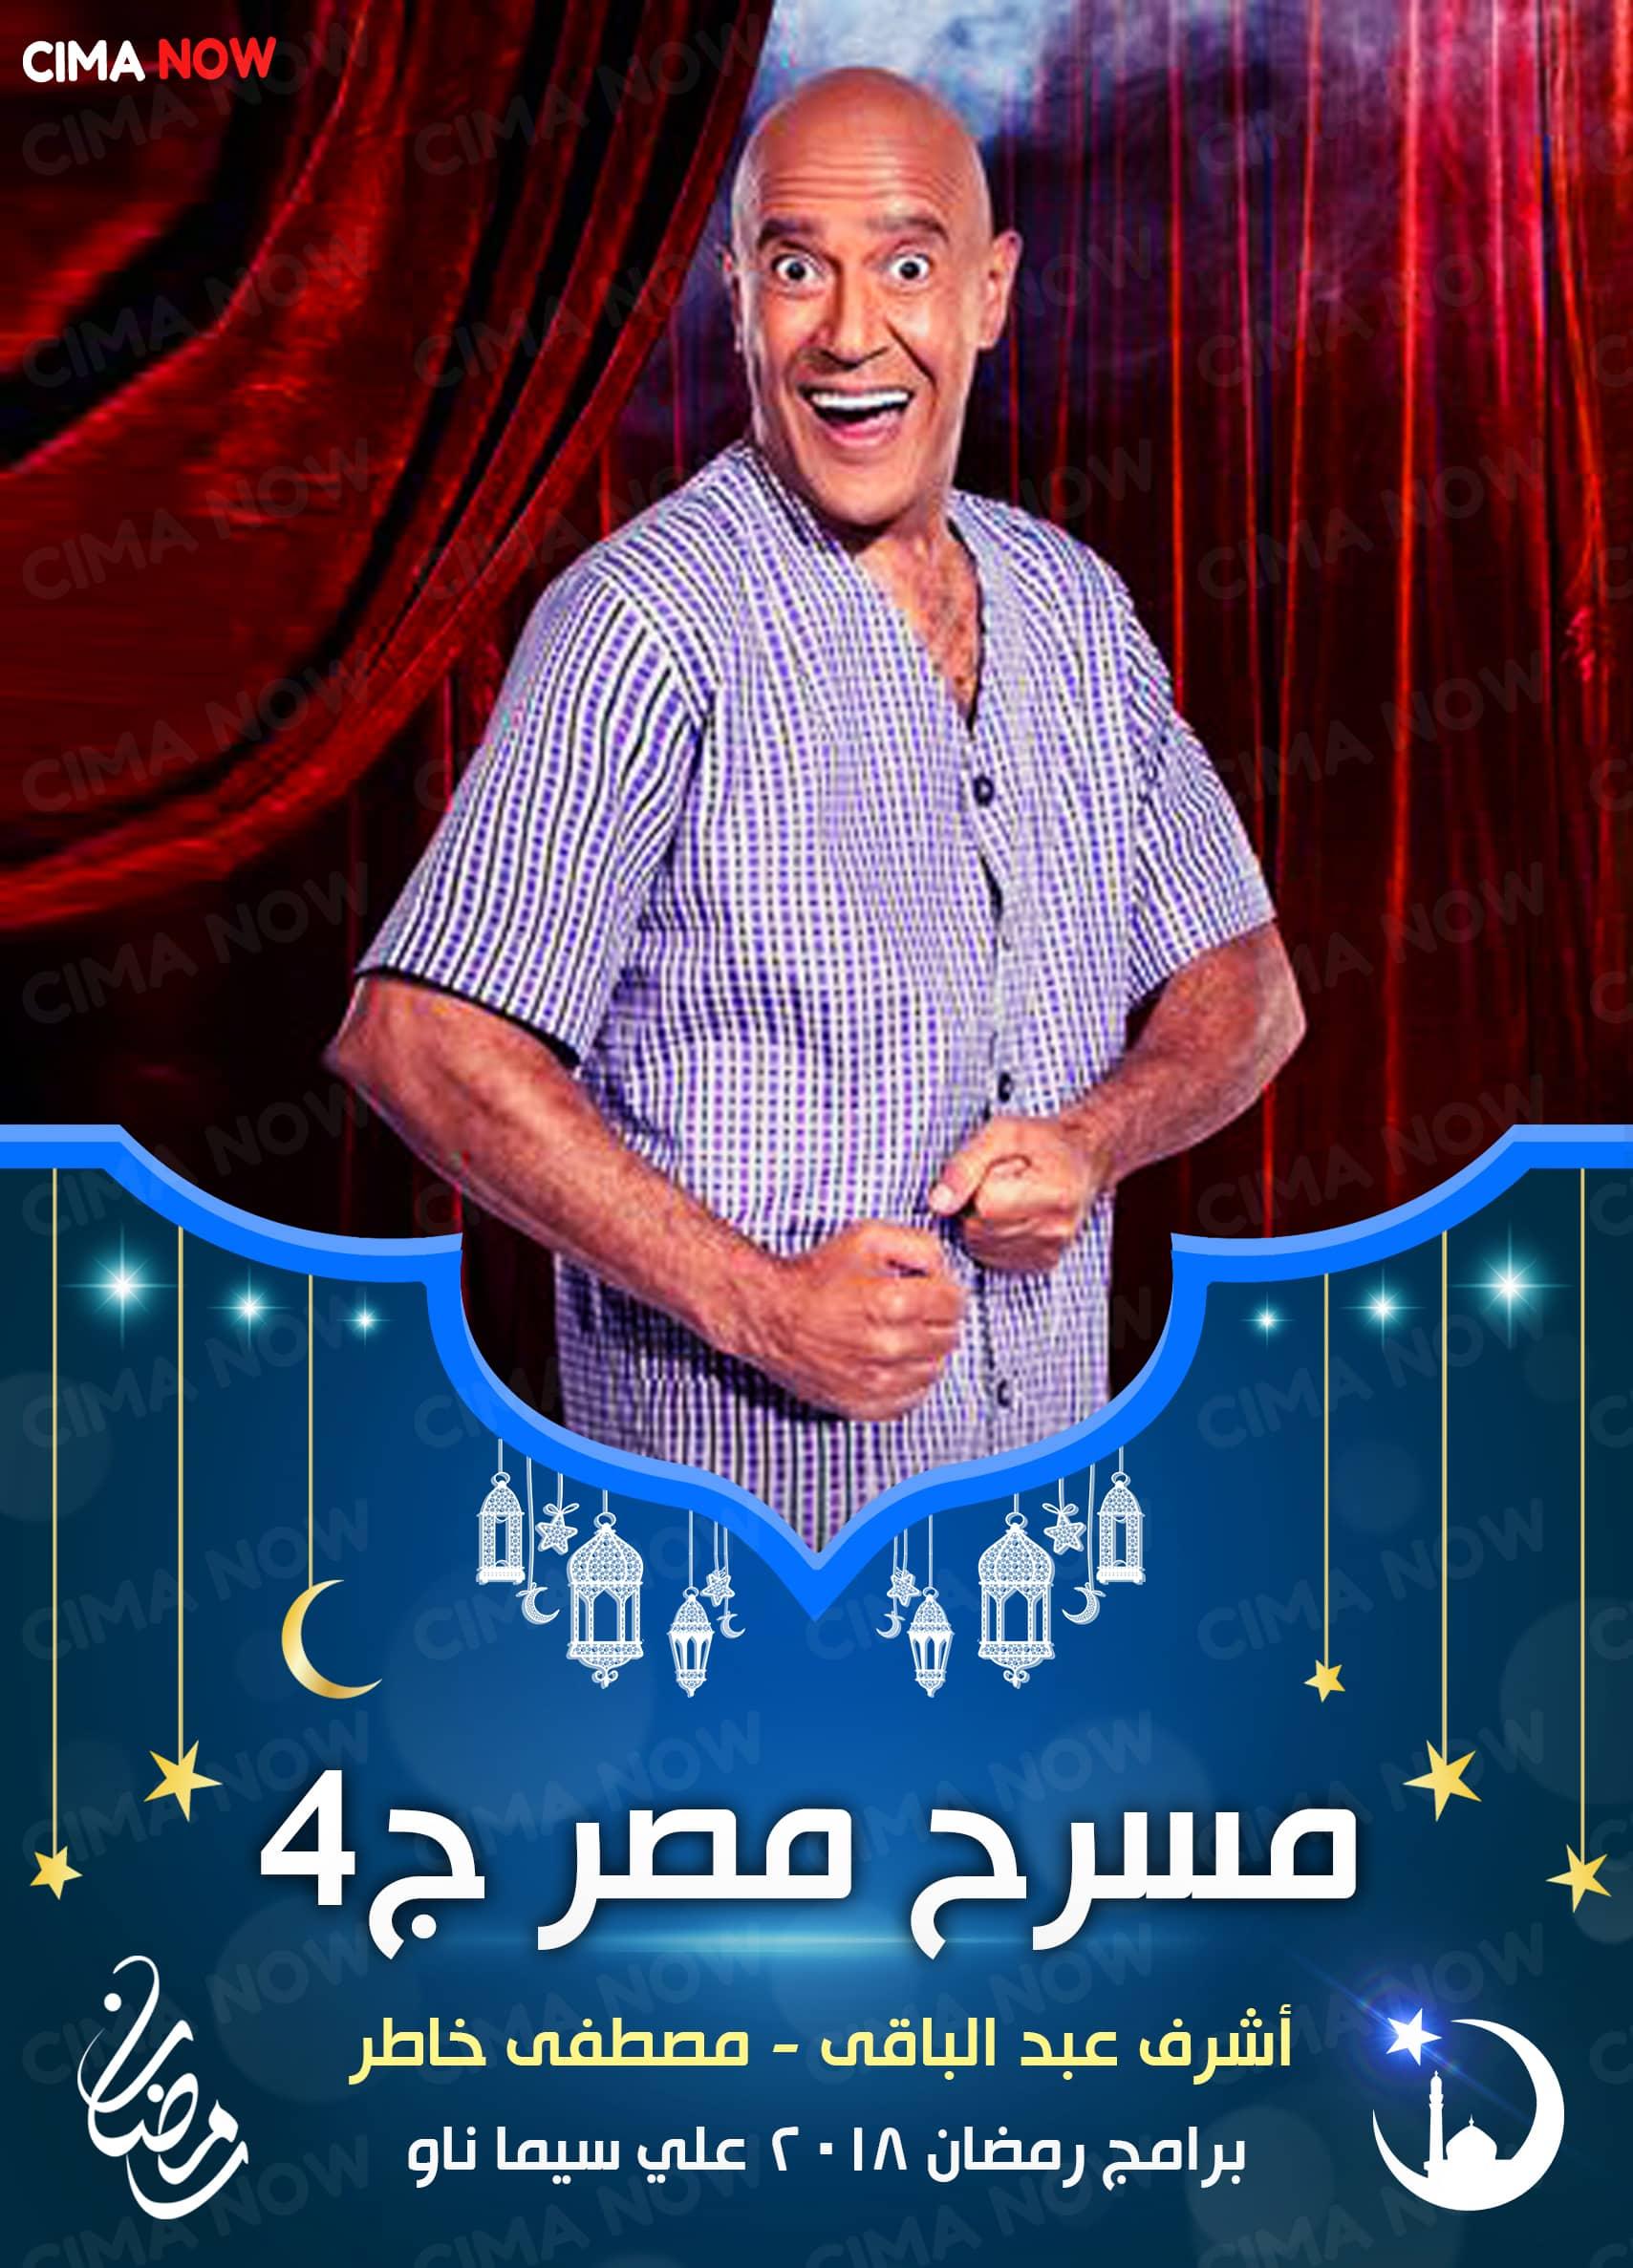 برنامج مسرح مصر الجزء الرابع الحلقة 1 الاولي